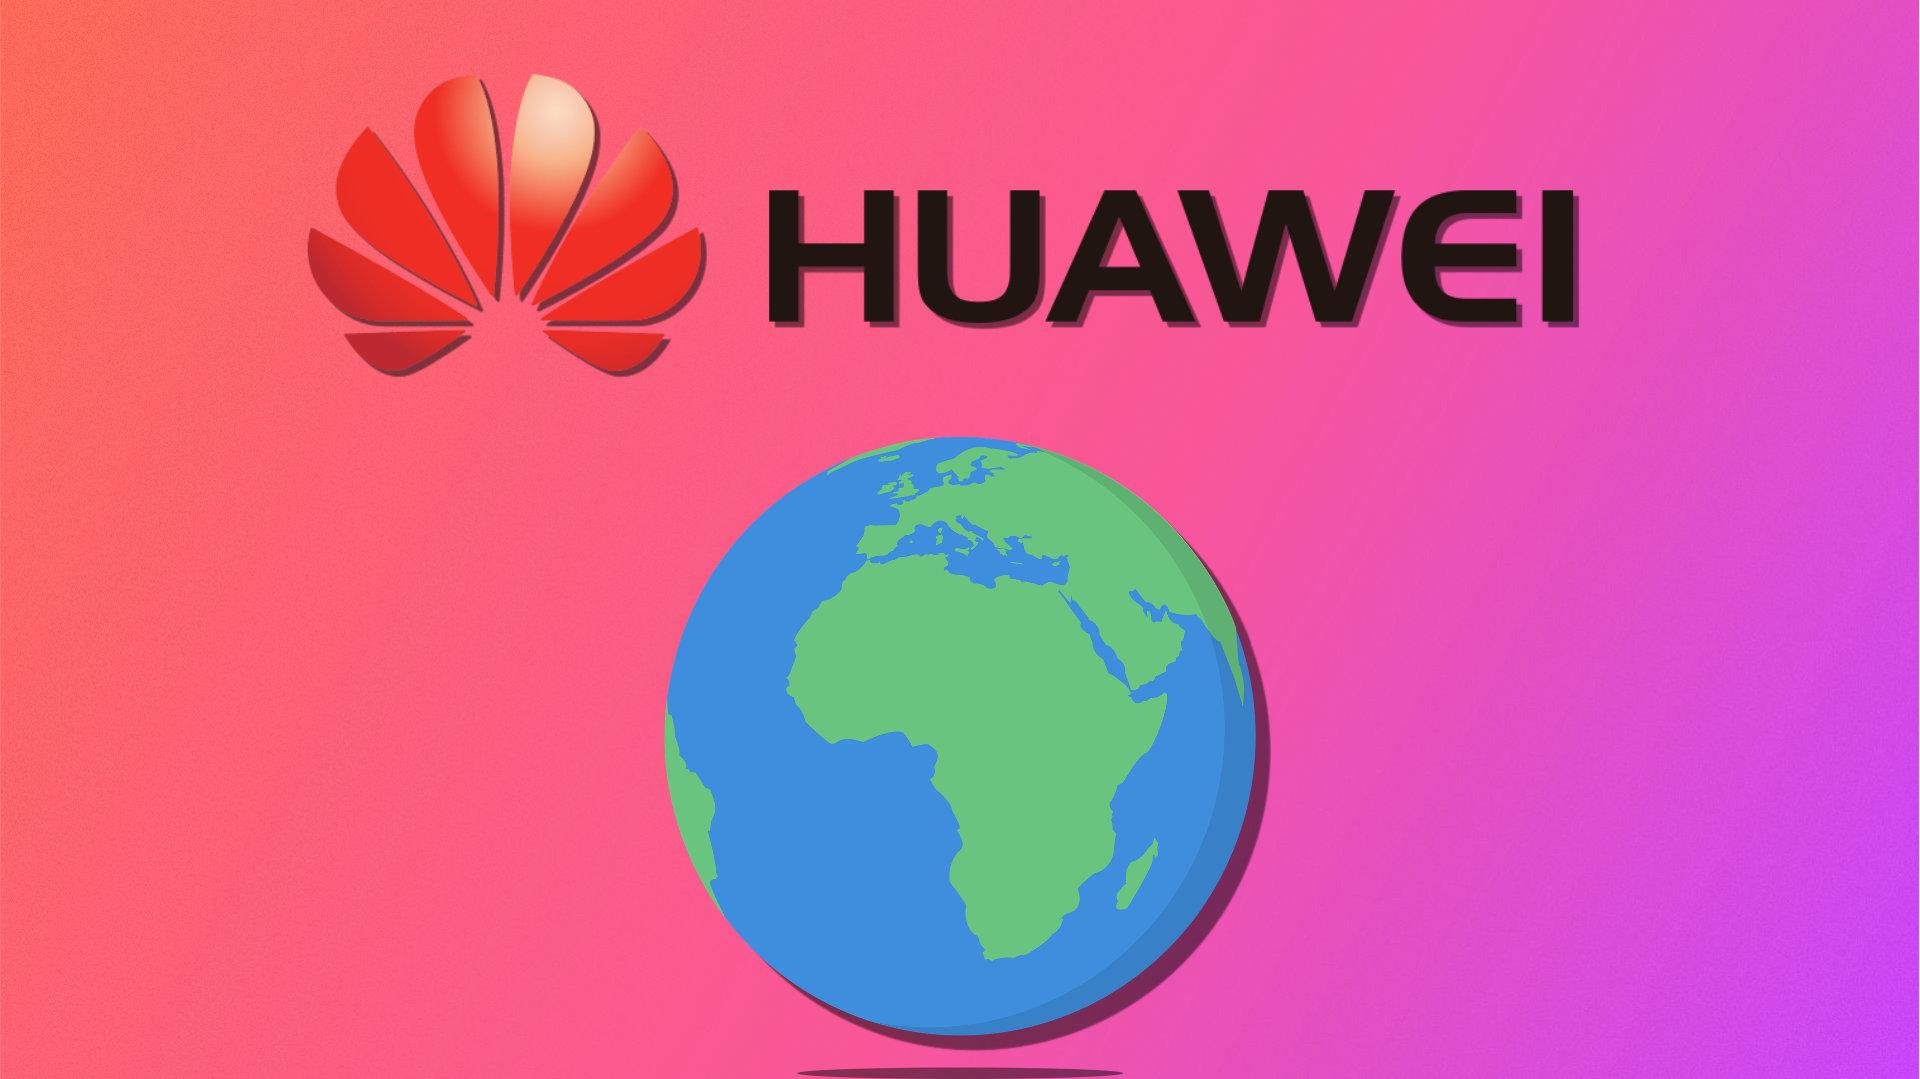 Huawei doit «oser dominer le monde» avec HarmonyOS estime le fondateur de la firme